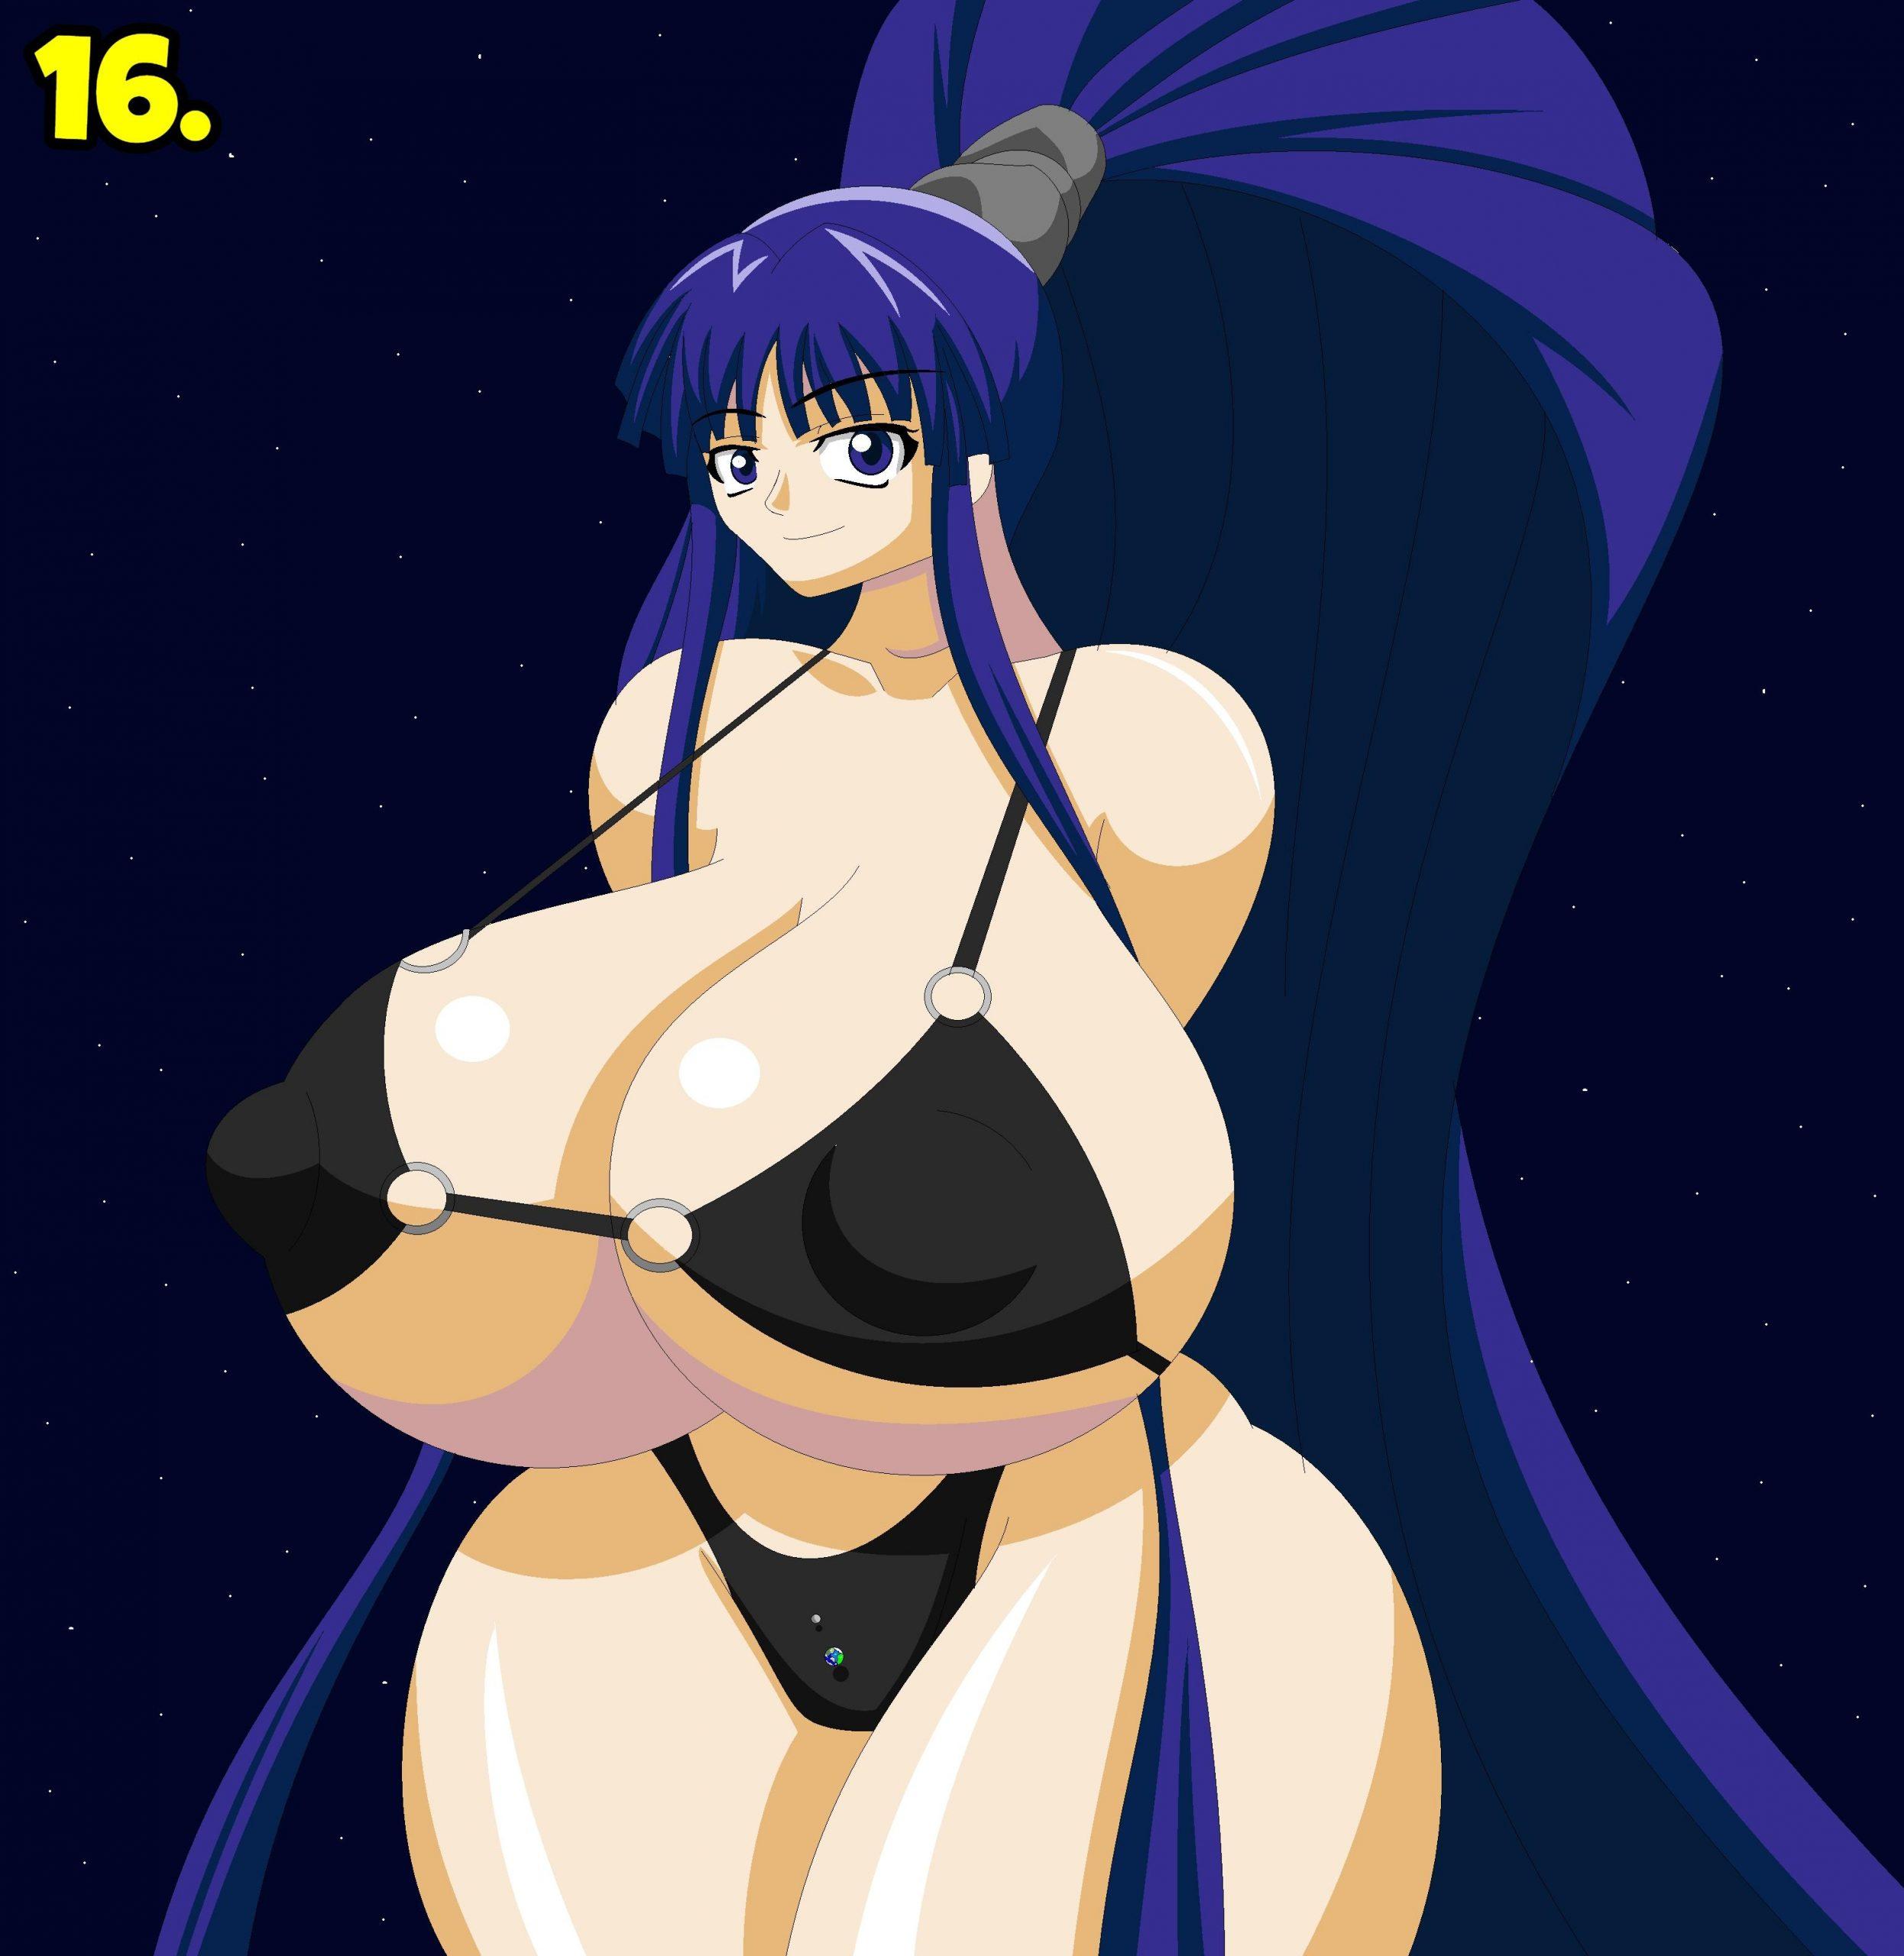 Kirika Misono from Eiken